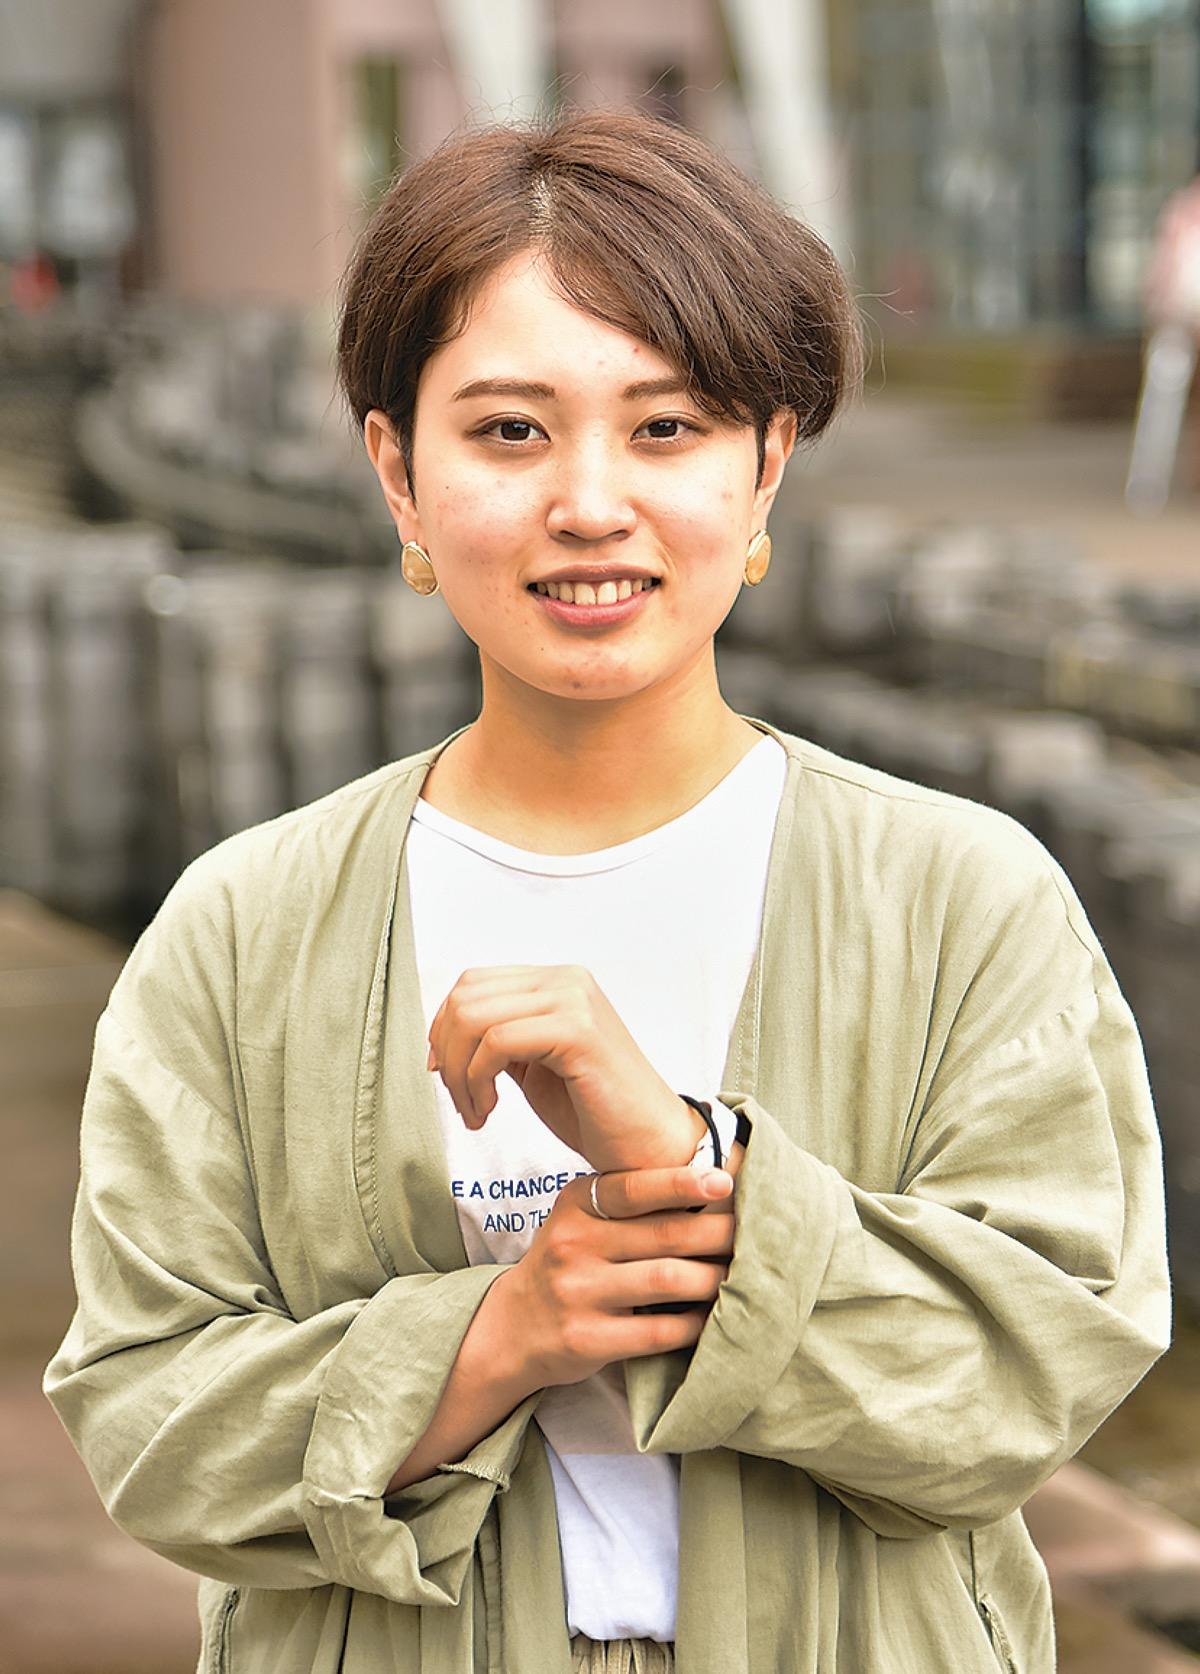 アイヌ語や文化を動画配信 湘南台在住の関根さん   藤沢   タウンニュース